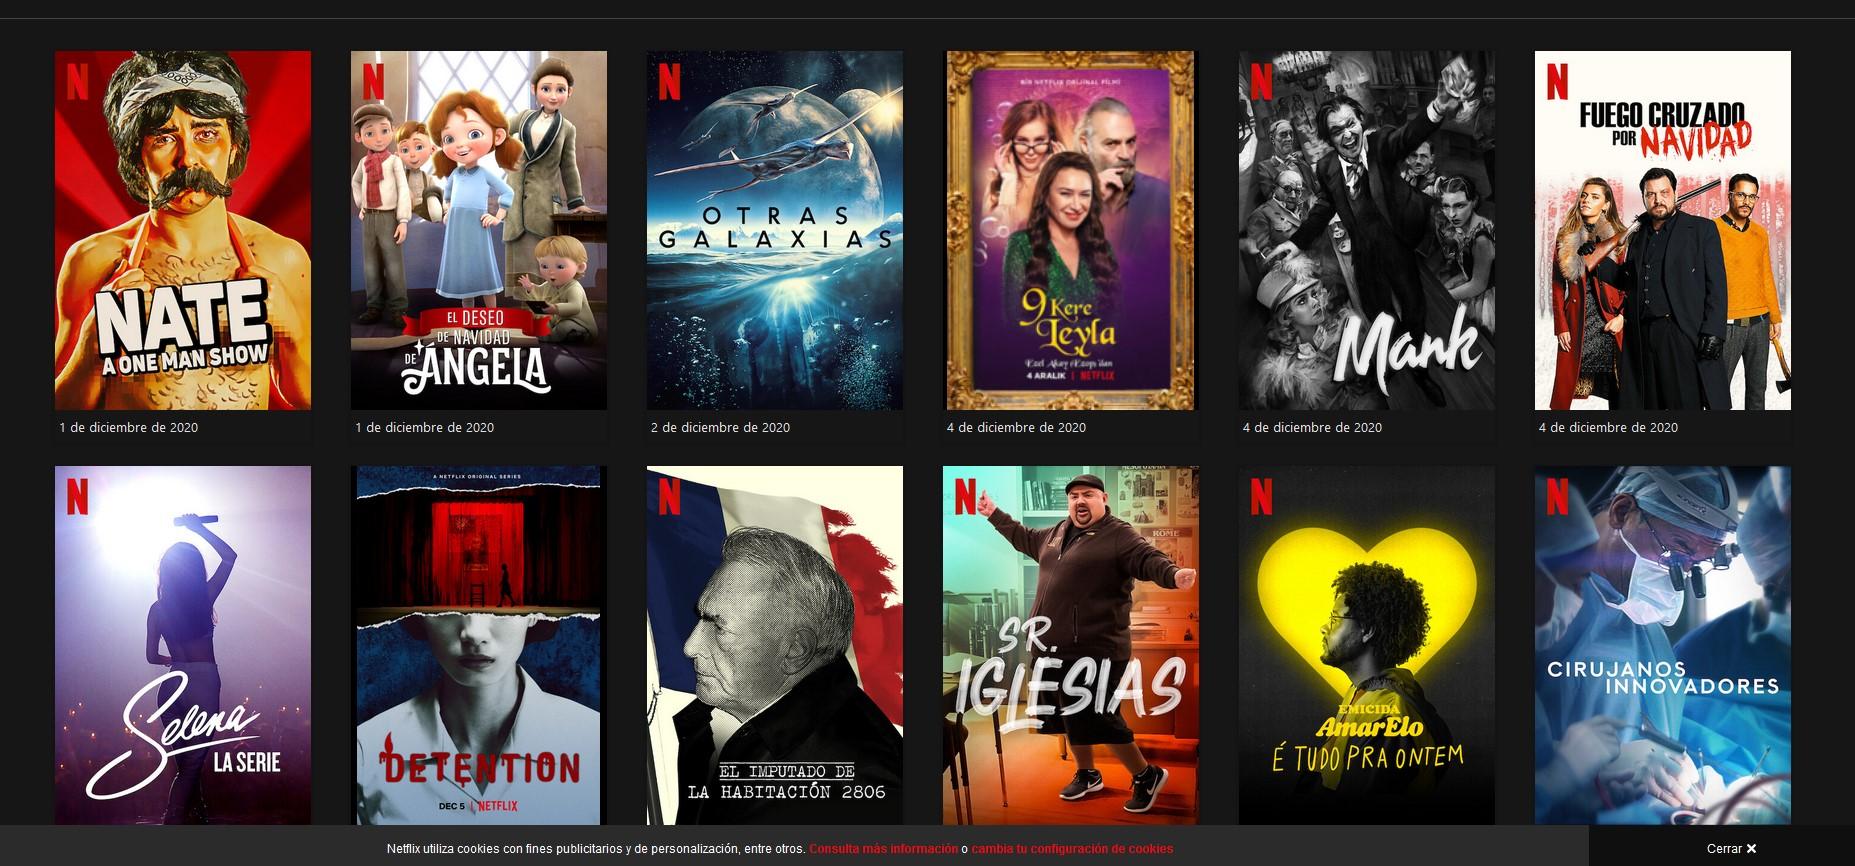 Estrenos de series en Netflix en diciembre